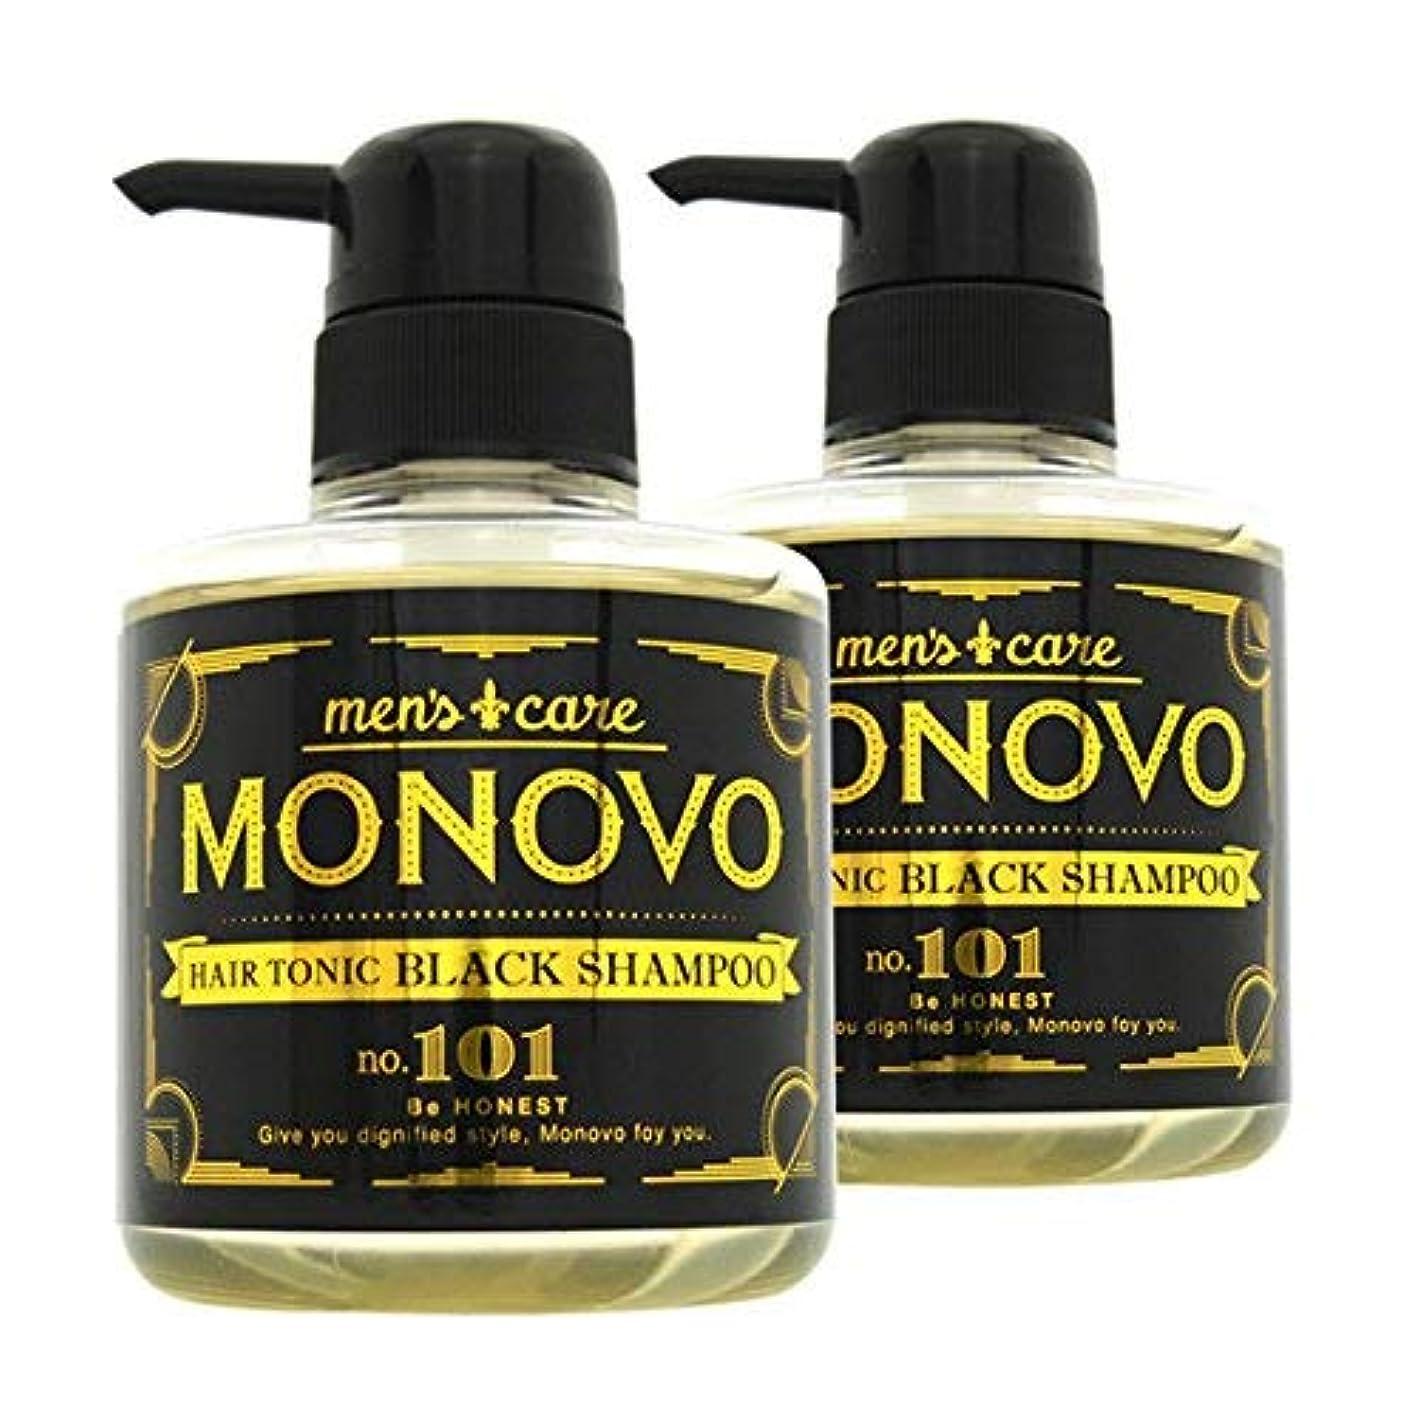 【メンズアミノ酸シャンプー】ヘアケア MONOVO ヘアトニックブラックシャンプー 2本 600ml